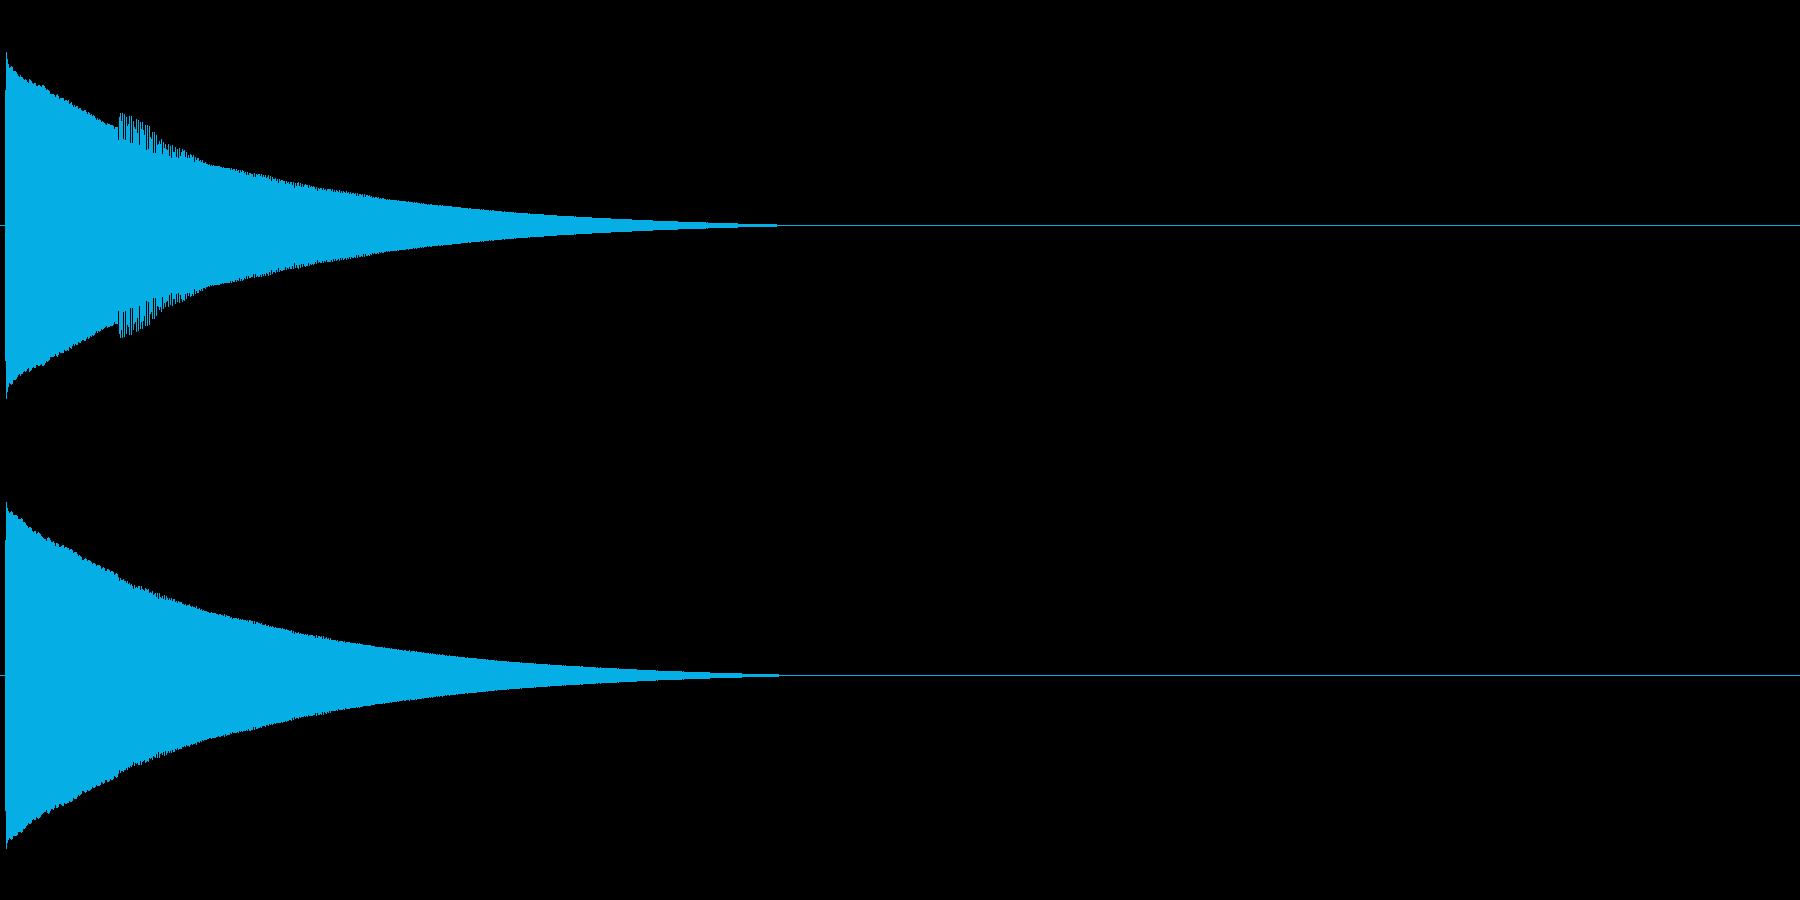 ピローン、ピコーンといった効果音 高いソの再生済みの波形